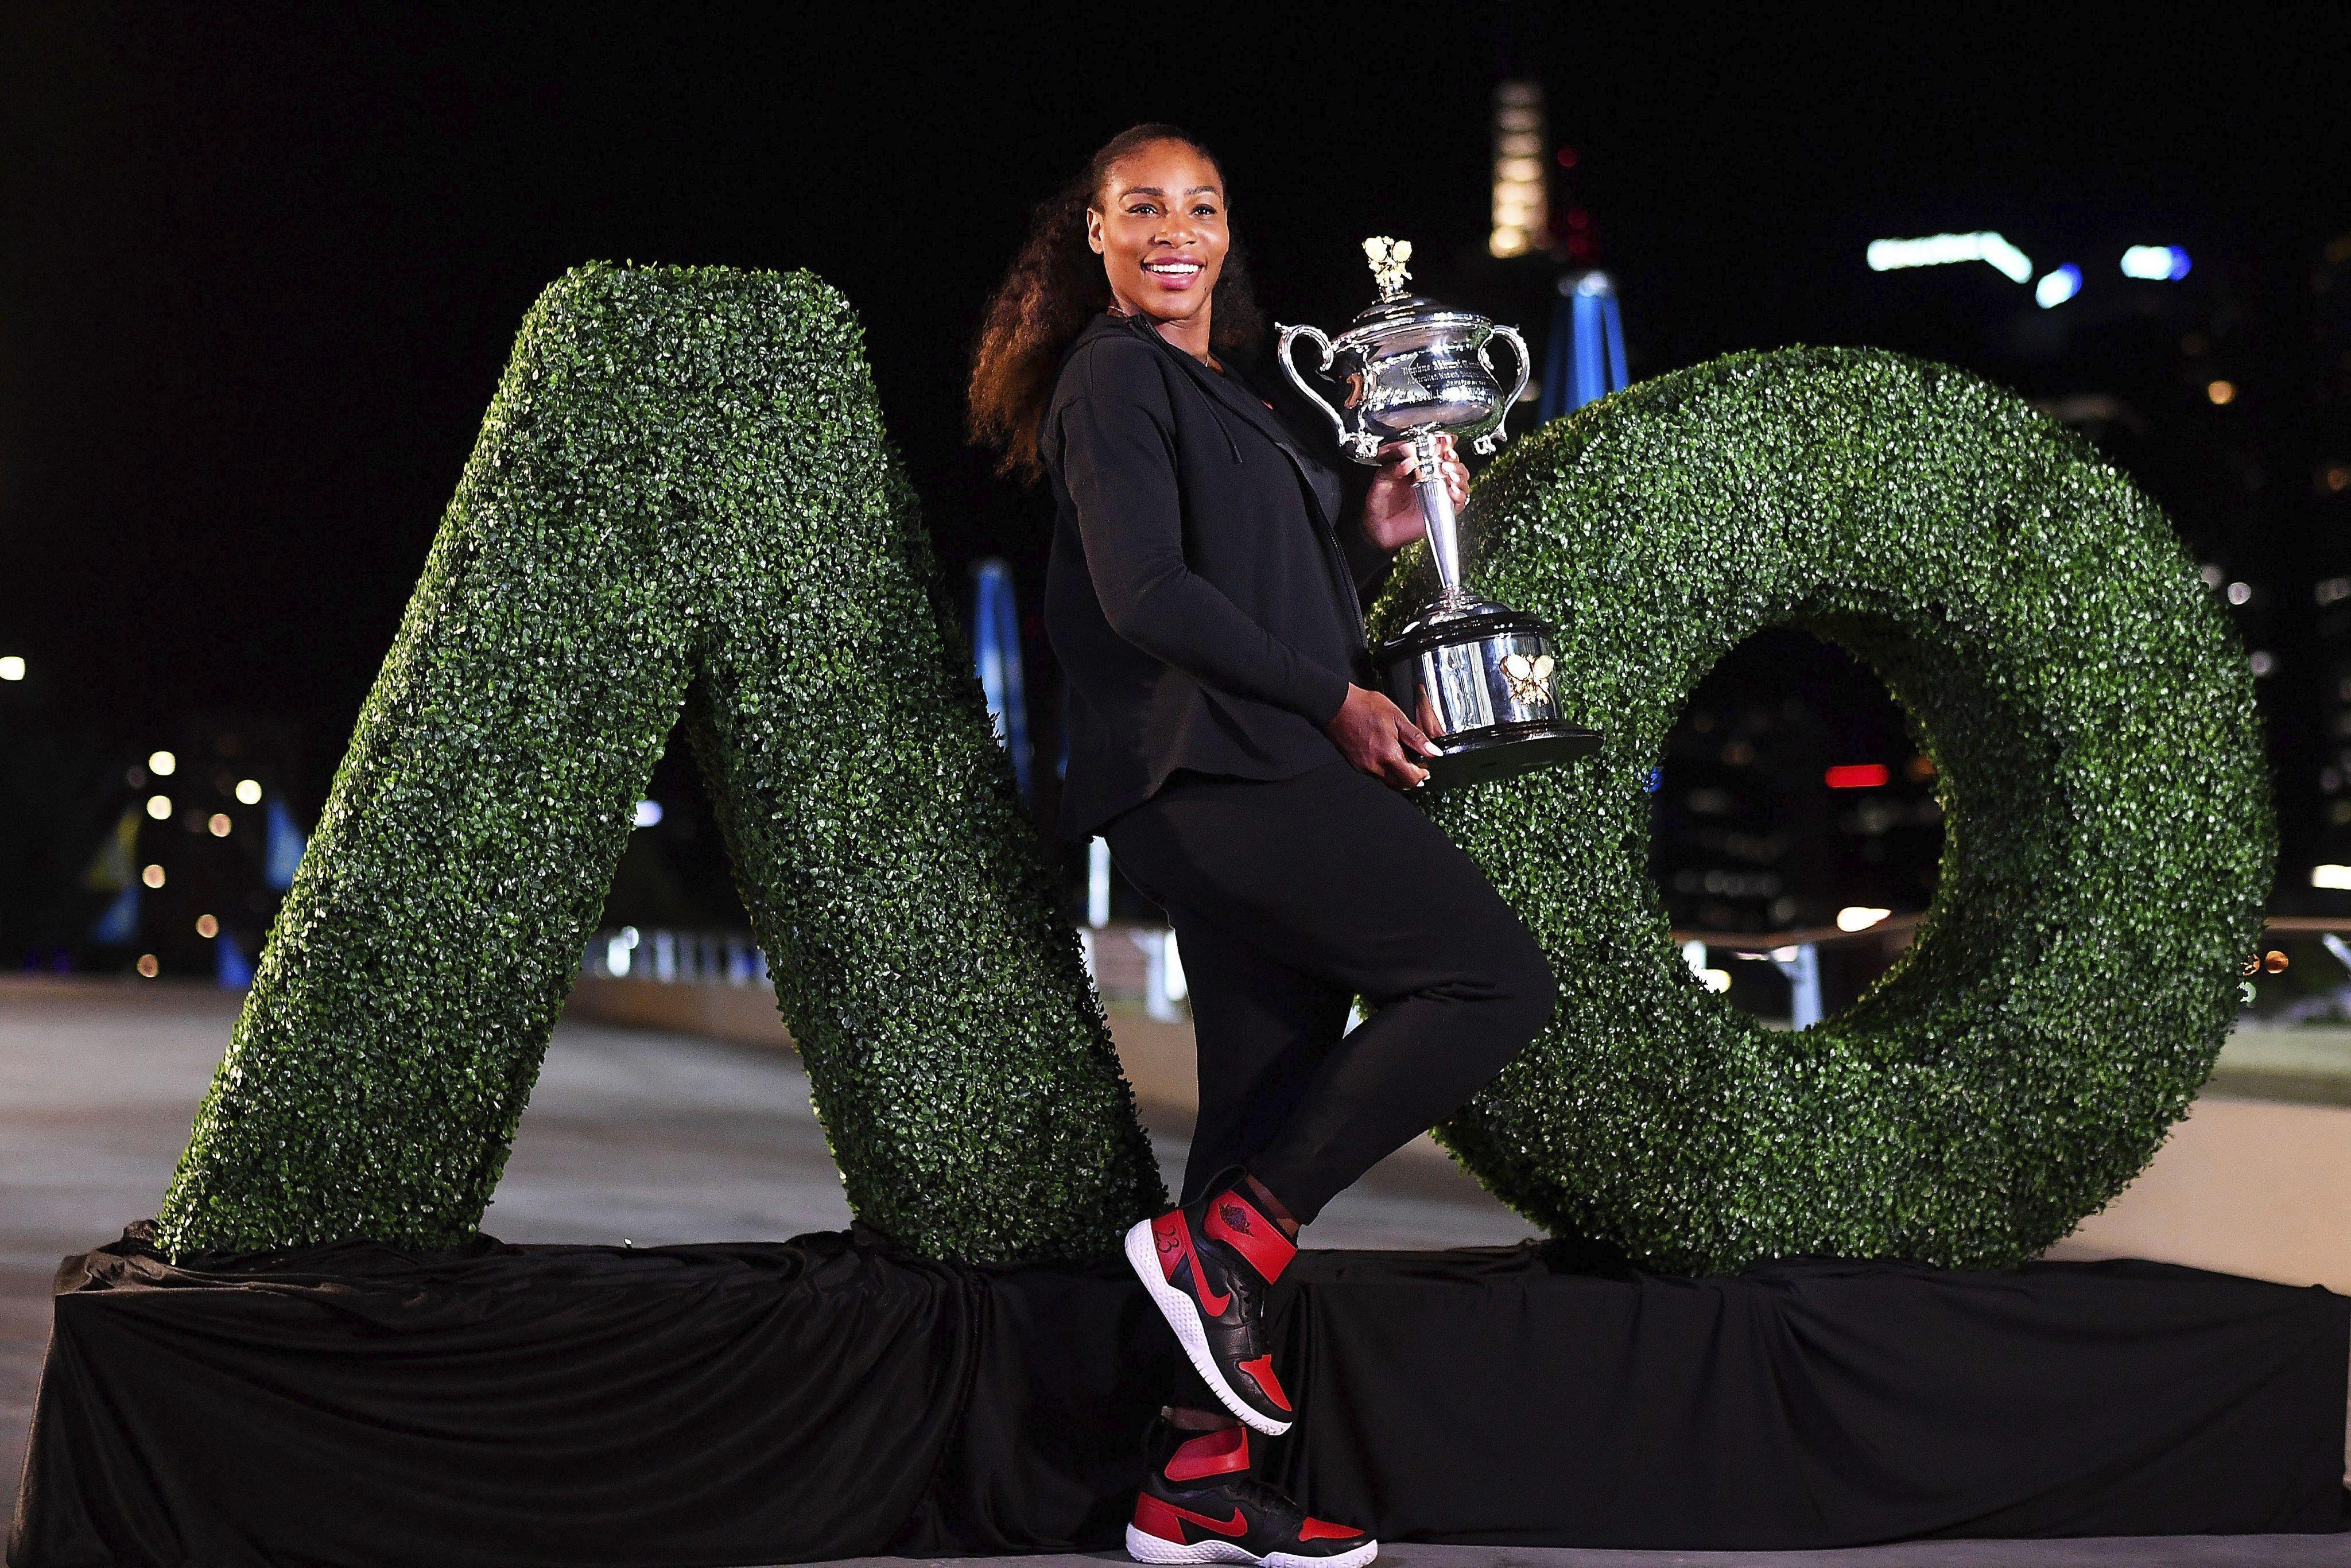 Ninguna mujer entre los 100 atletas mejor pagados del mundo